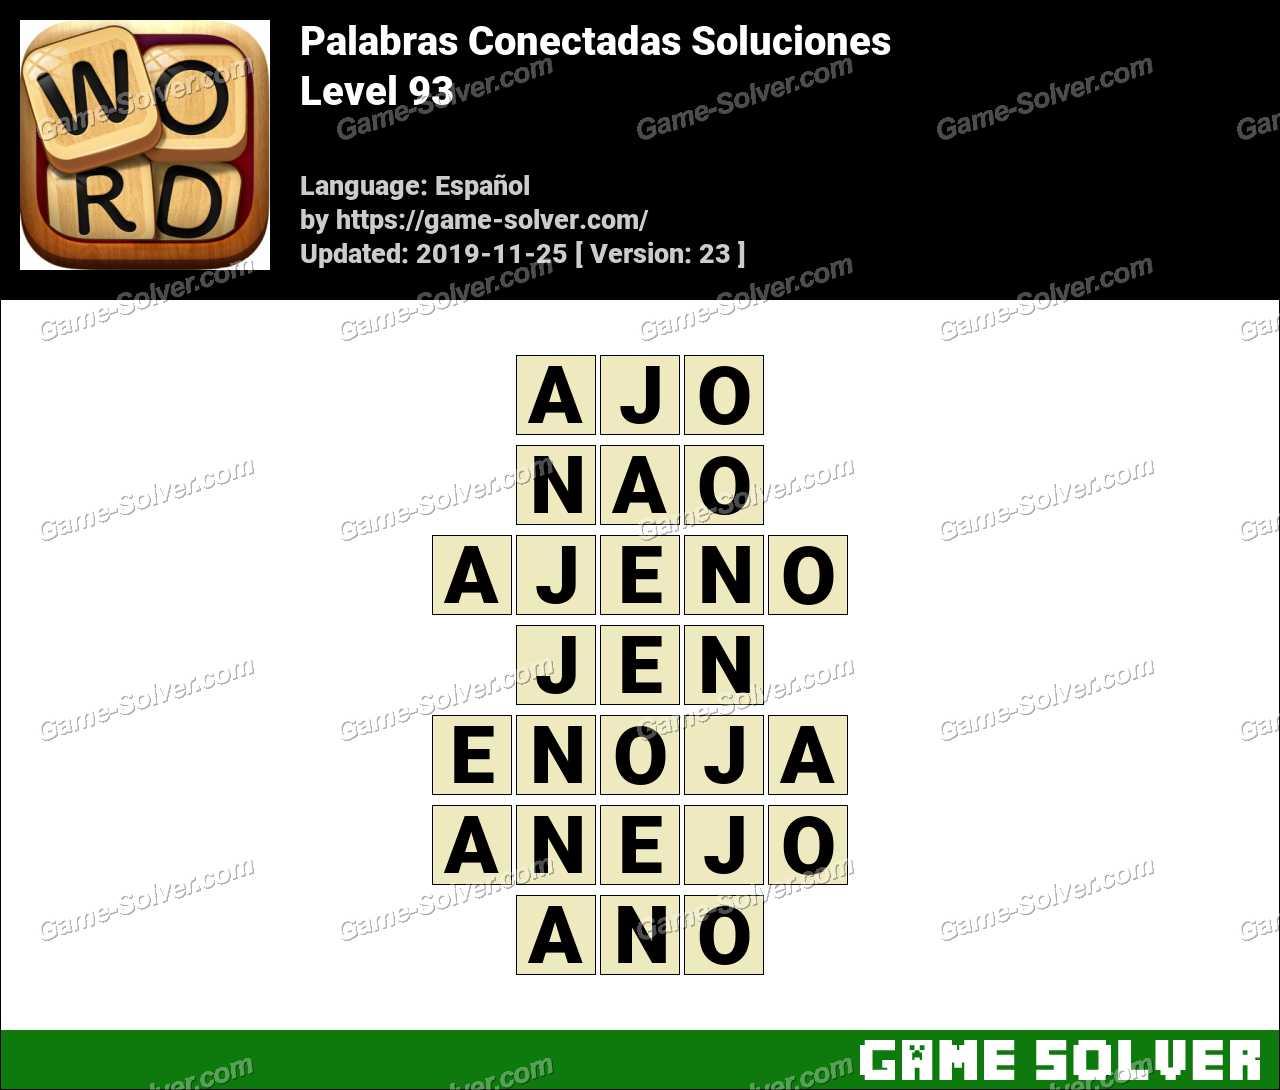 Palabras Conectadas Nivel 93 Soluciones